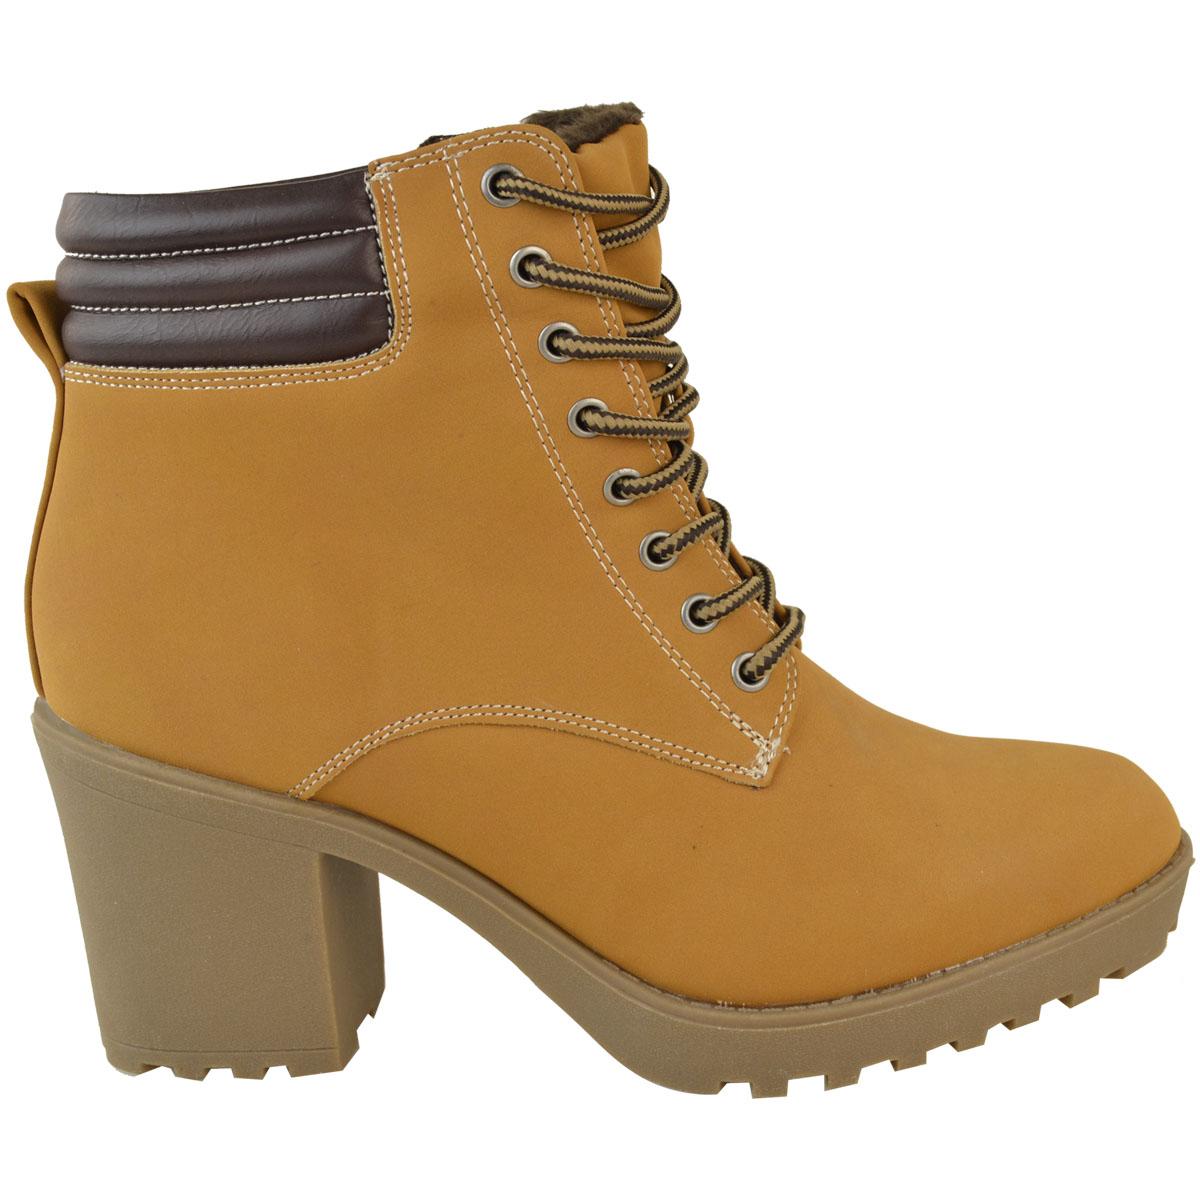 Womens-Ladies-Winter-Walking-Boots-Fleece-Warm-Lining-Cosy-Low-Block-Heel-Size Indexbild 19